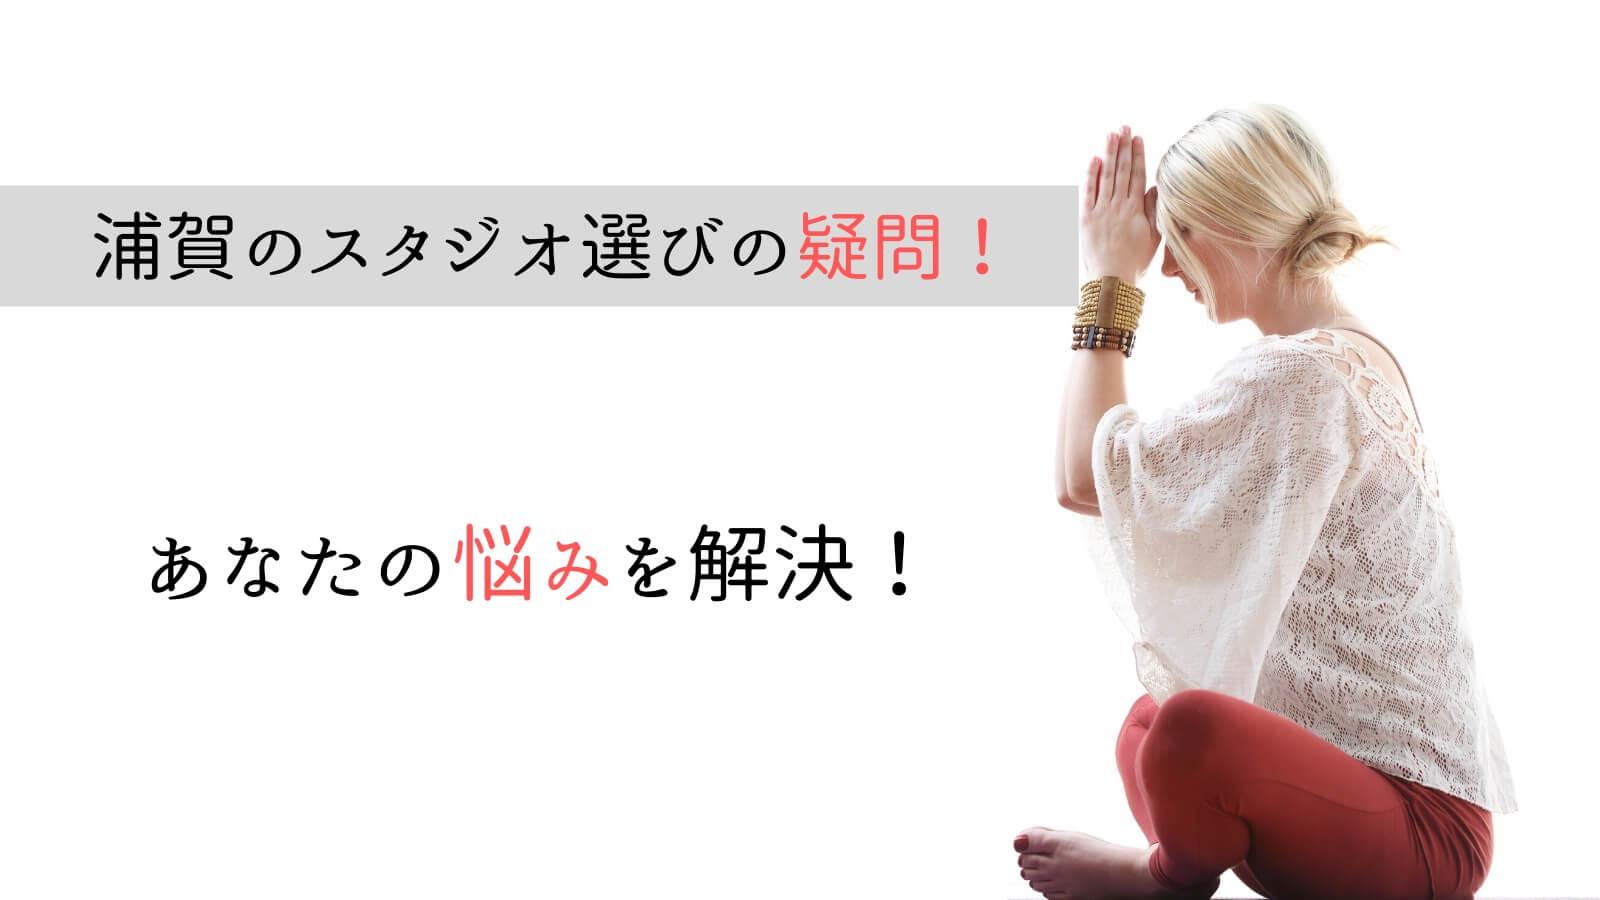 浦賀でのヨガ・ホットヨガスタジオ選びに関するQ&A